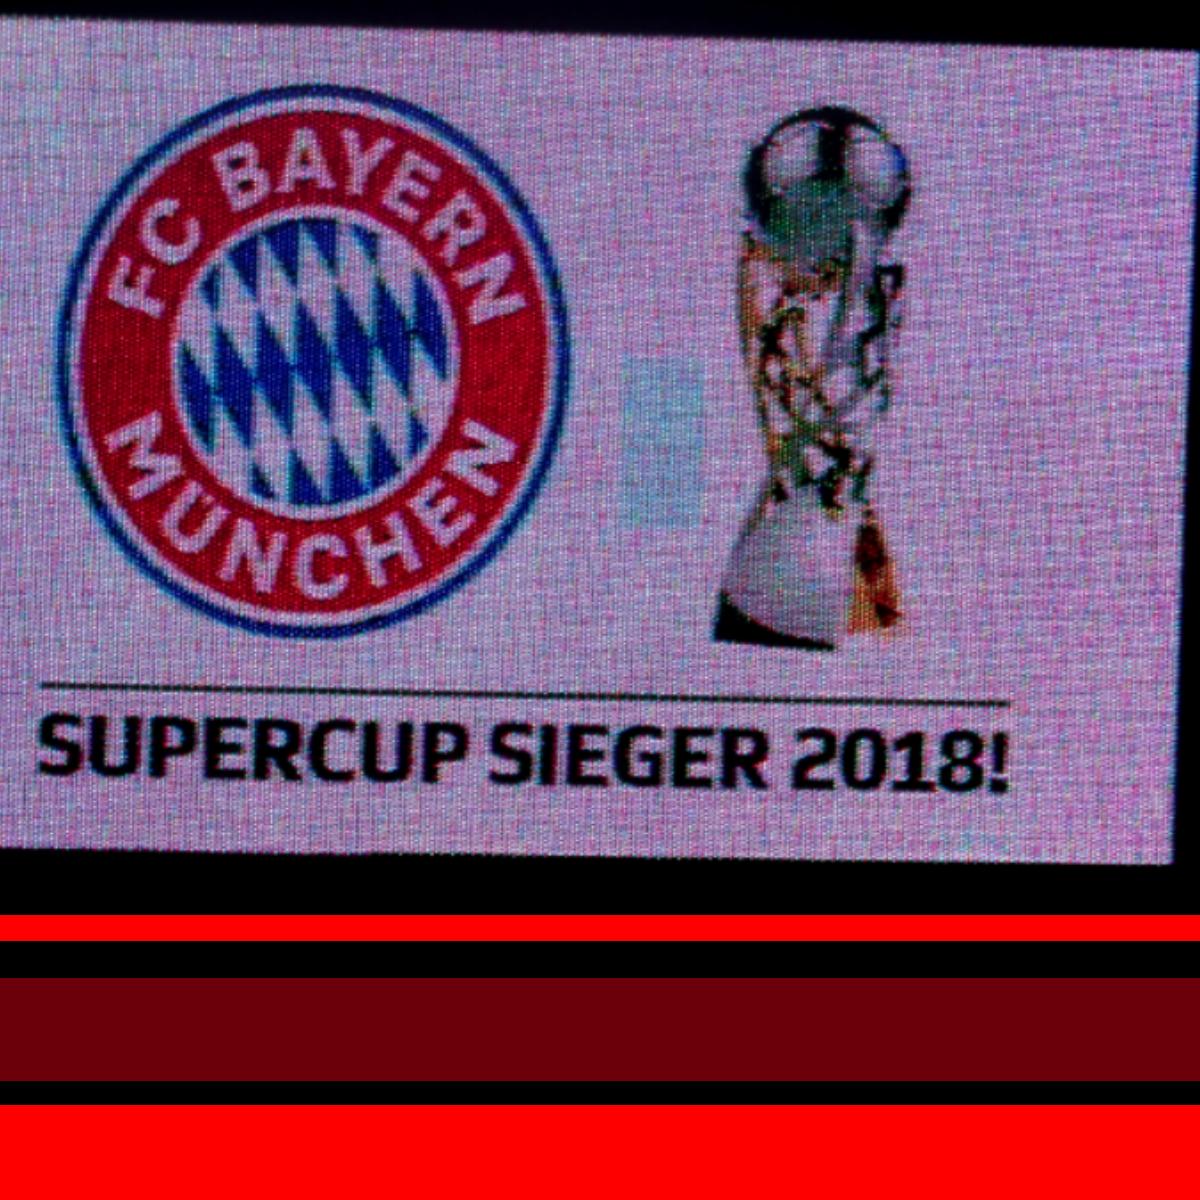 Superpokalsieg 2018!